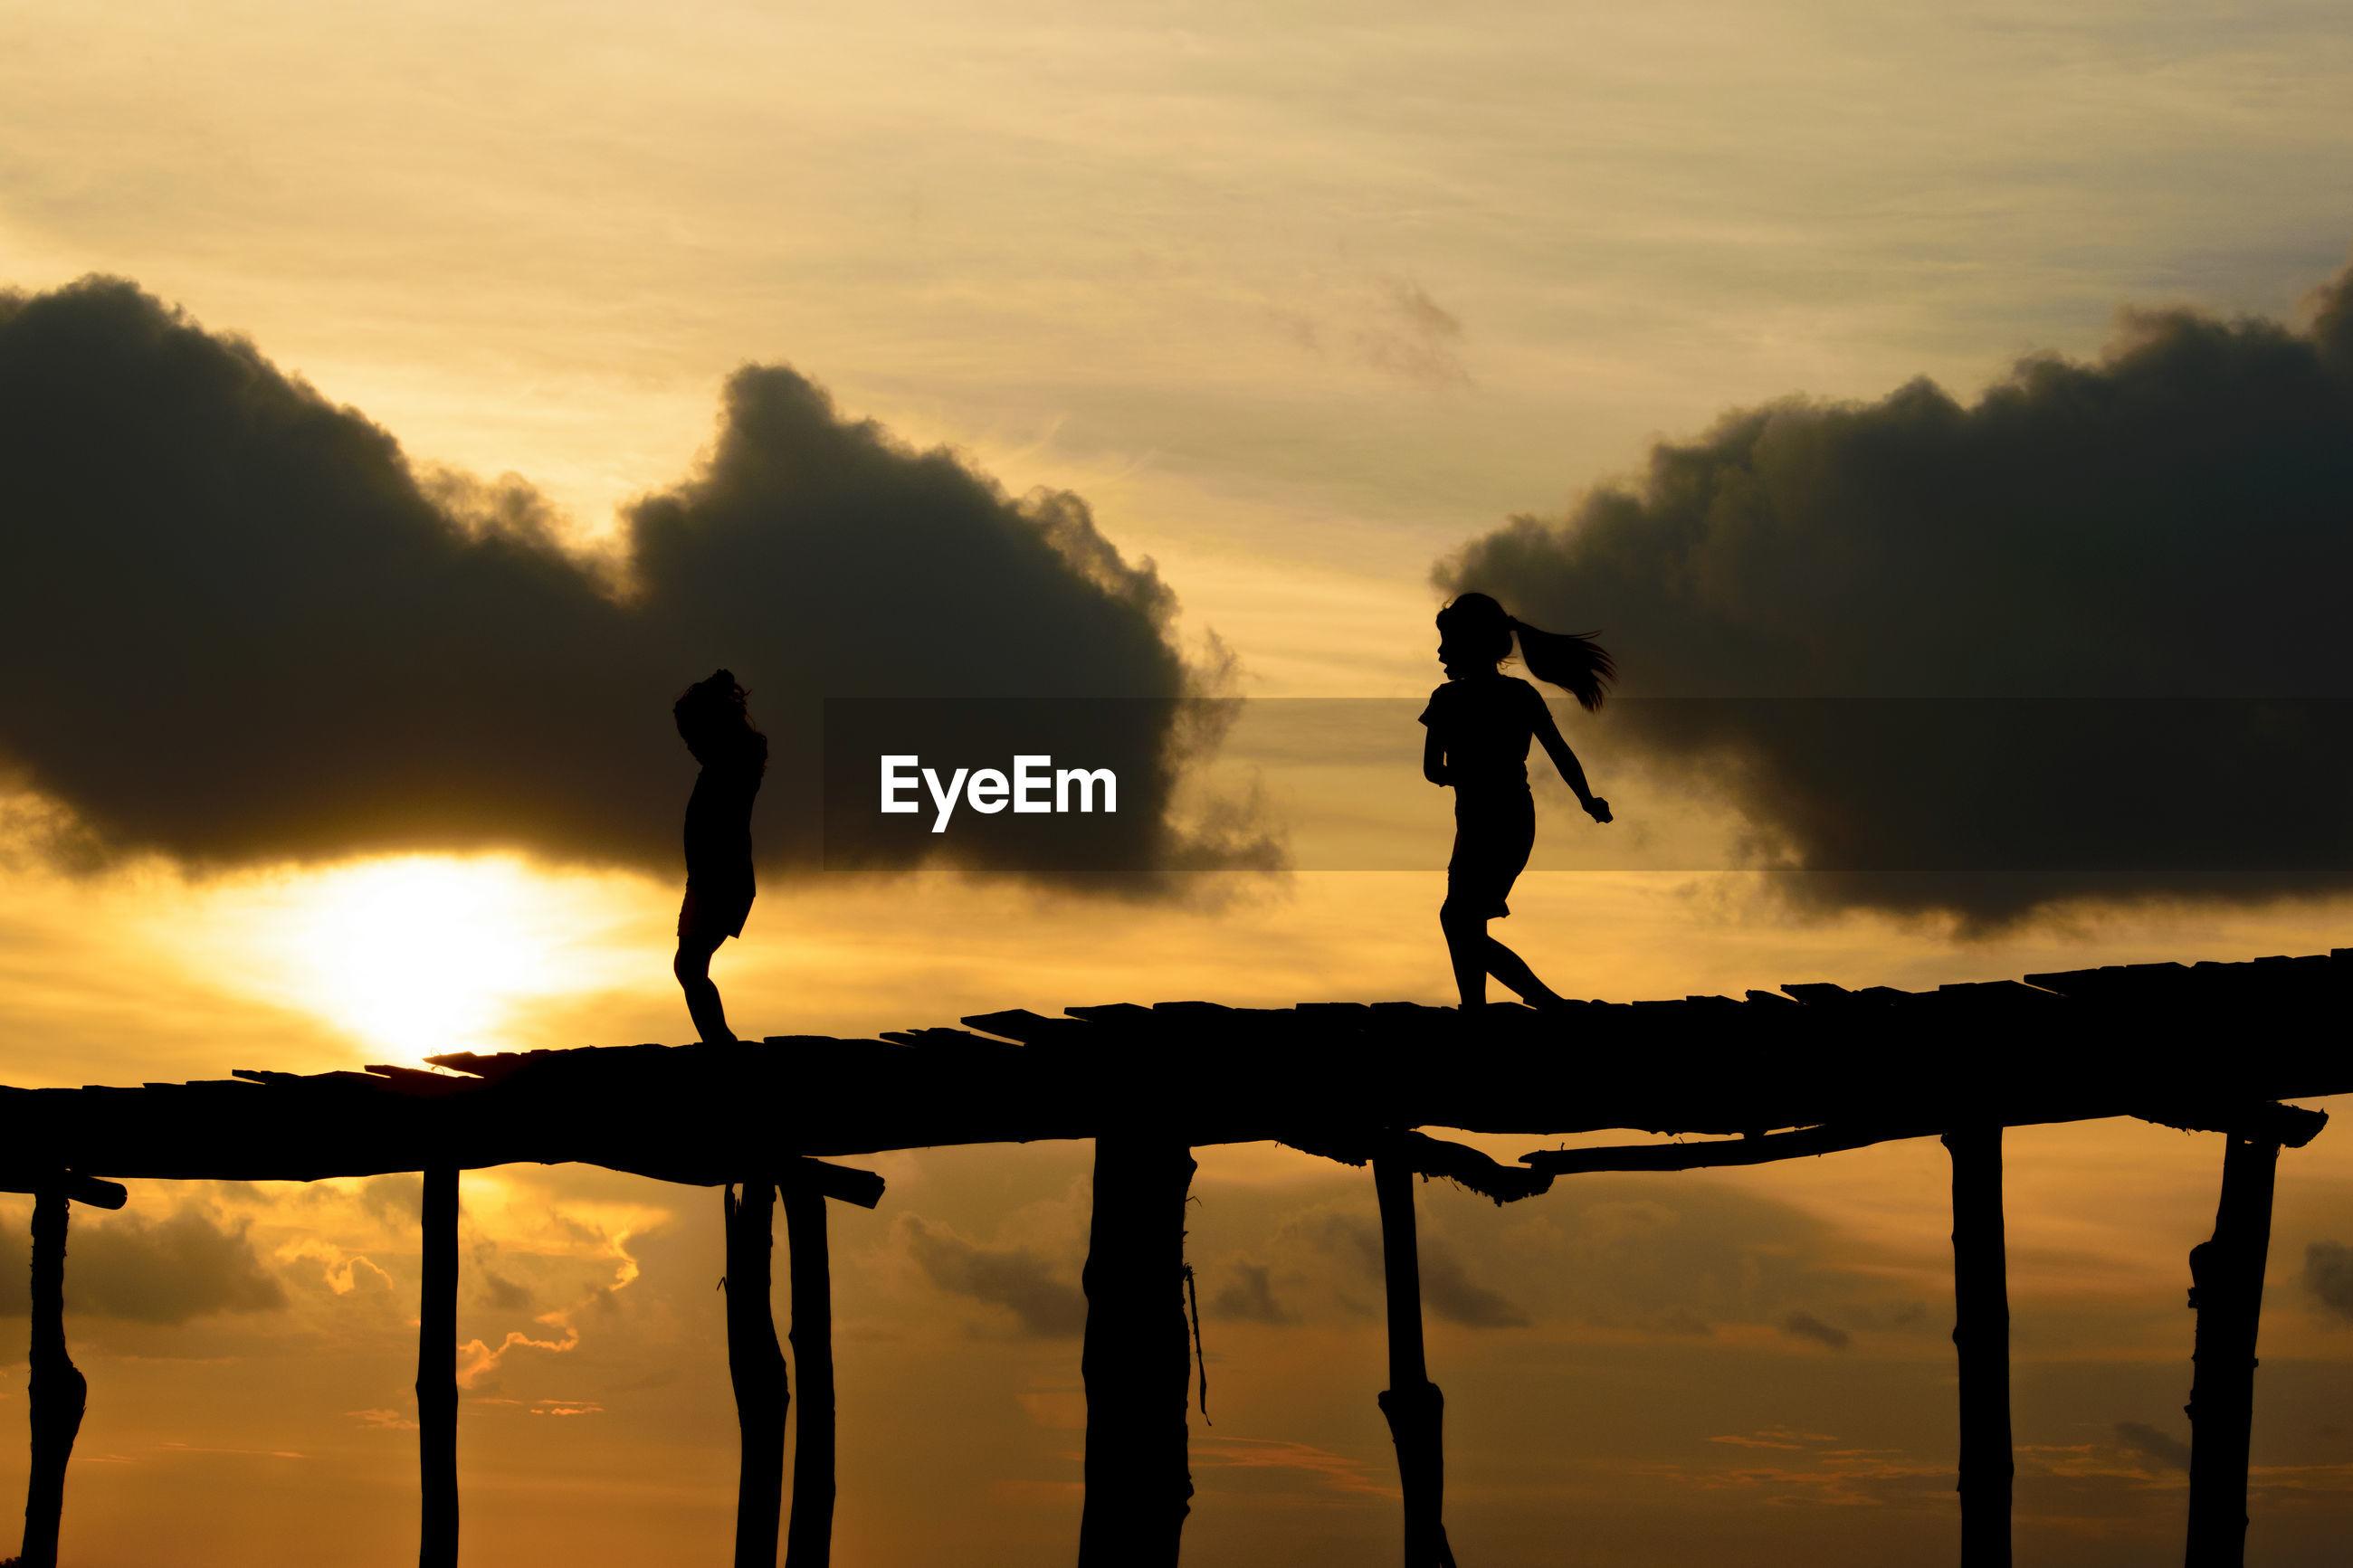 Silhouette girls on footbridge against sky during sunset